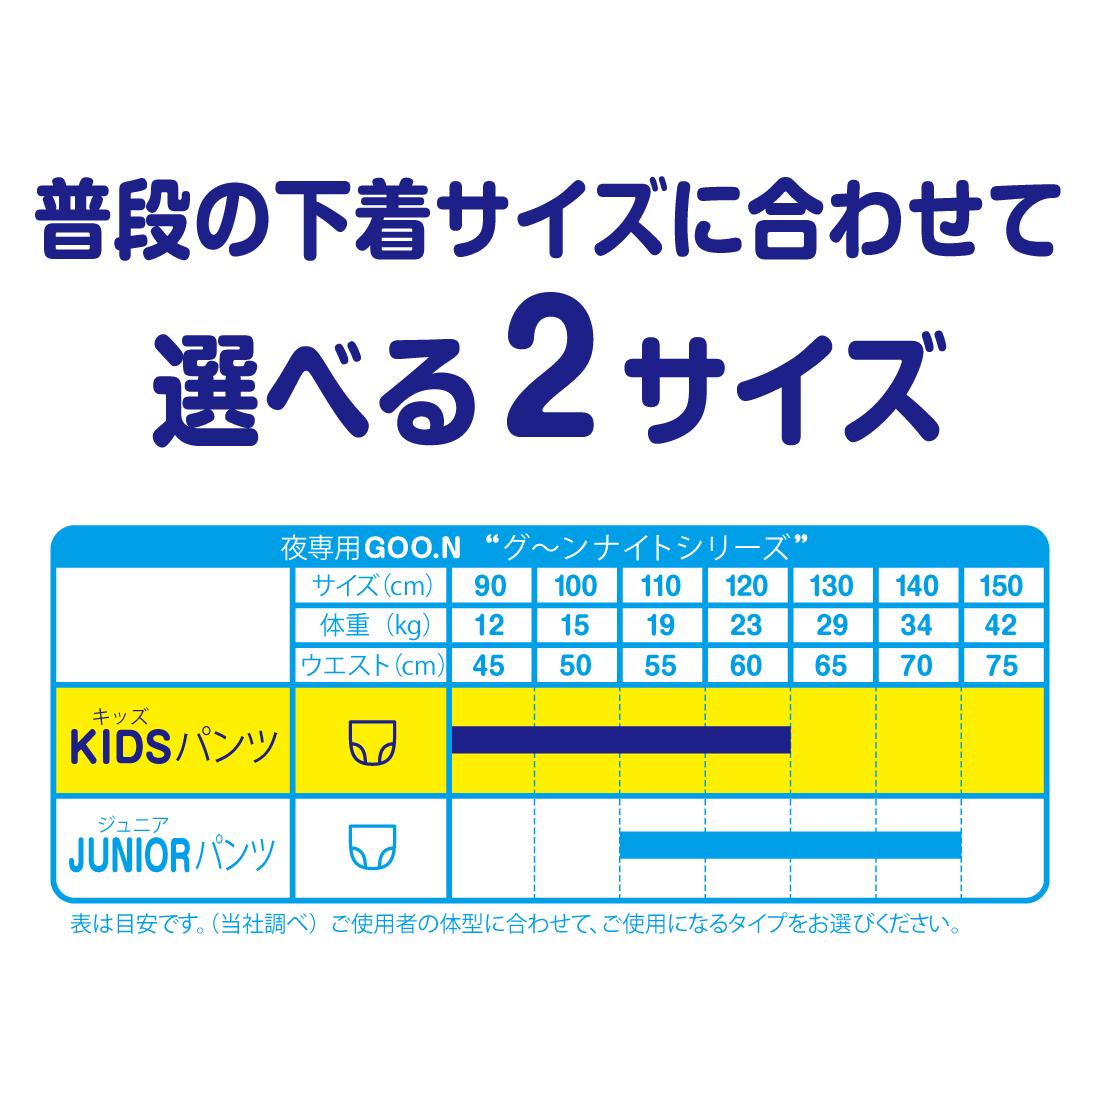 グーン ナイトキッズパンツ22枚×6パック【853987】【ケース販売】